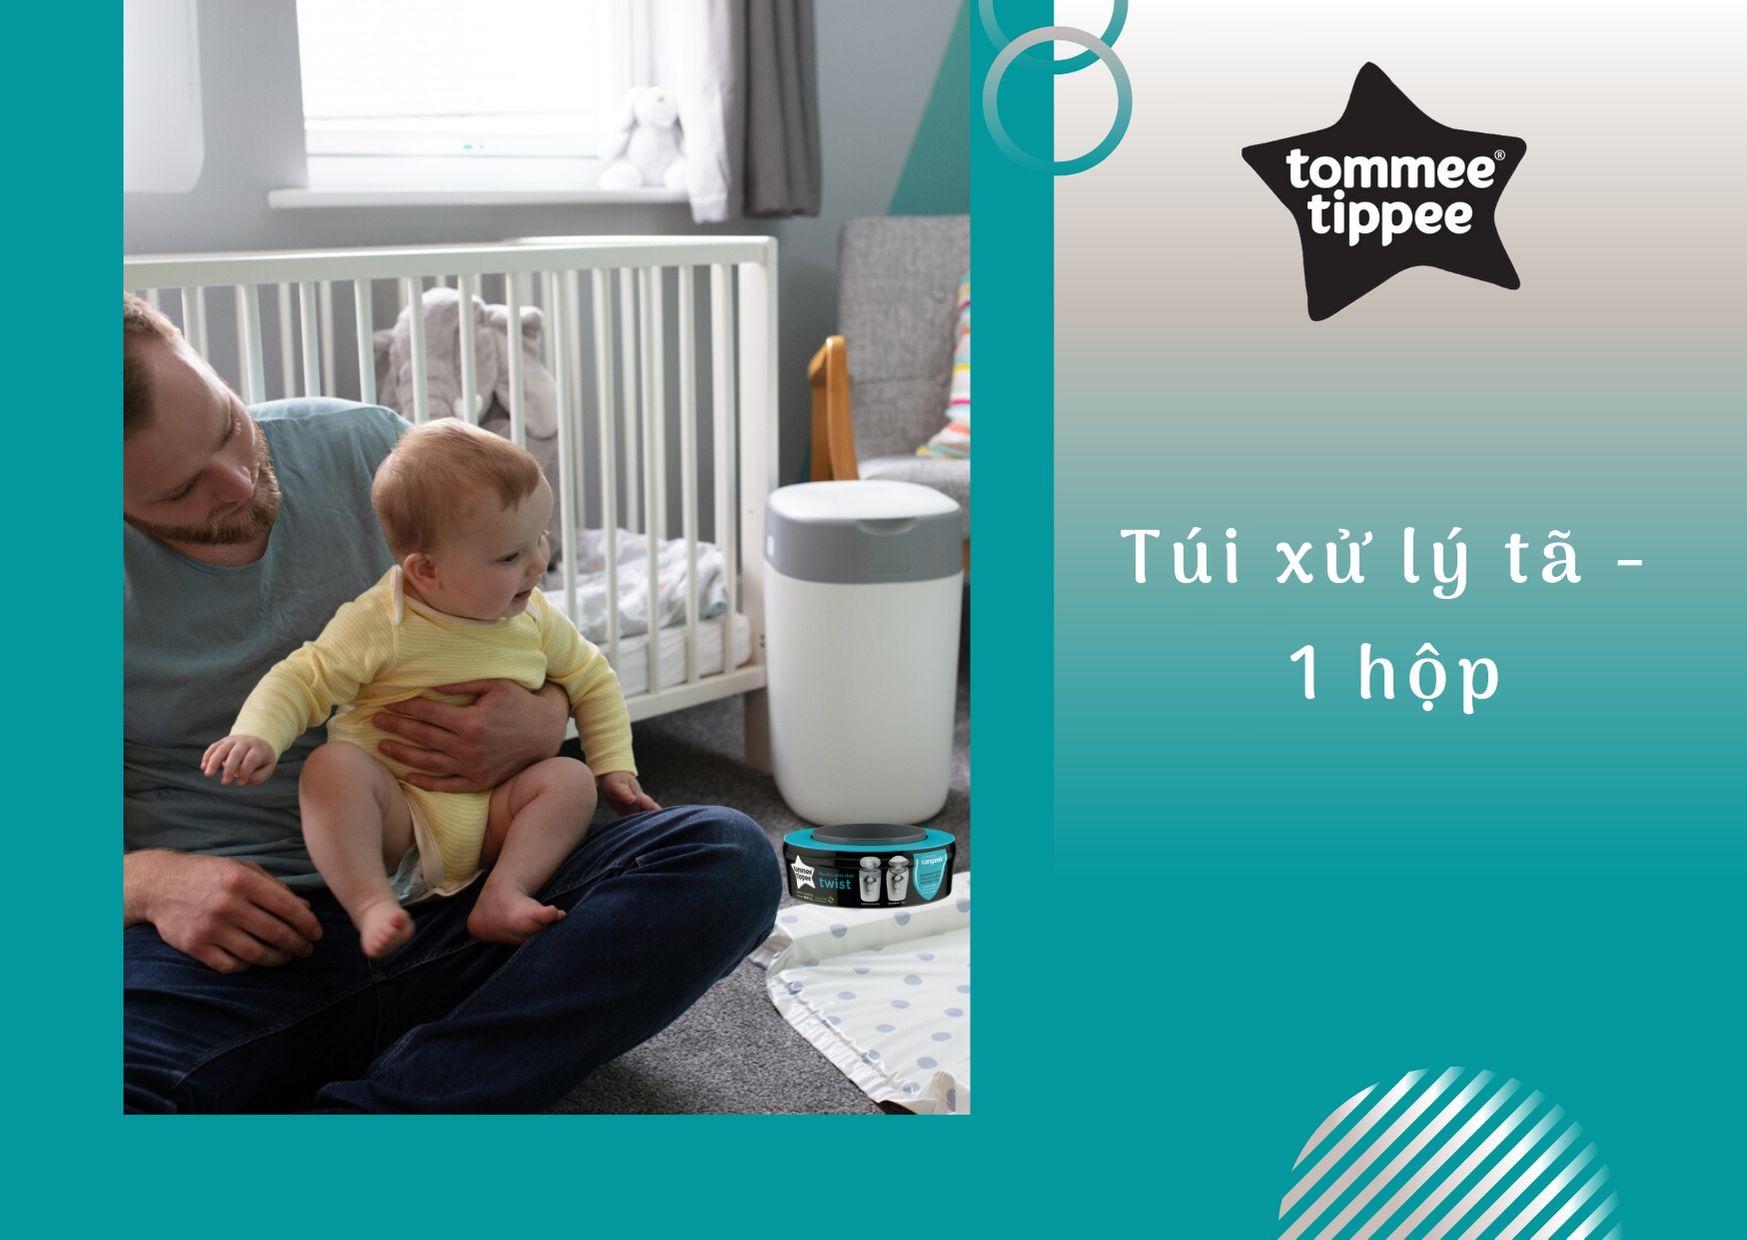 Túi xử lý tã cho bé Tommee Tippee (1 hộp)